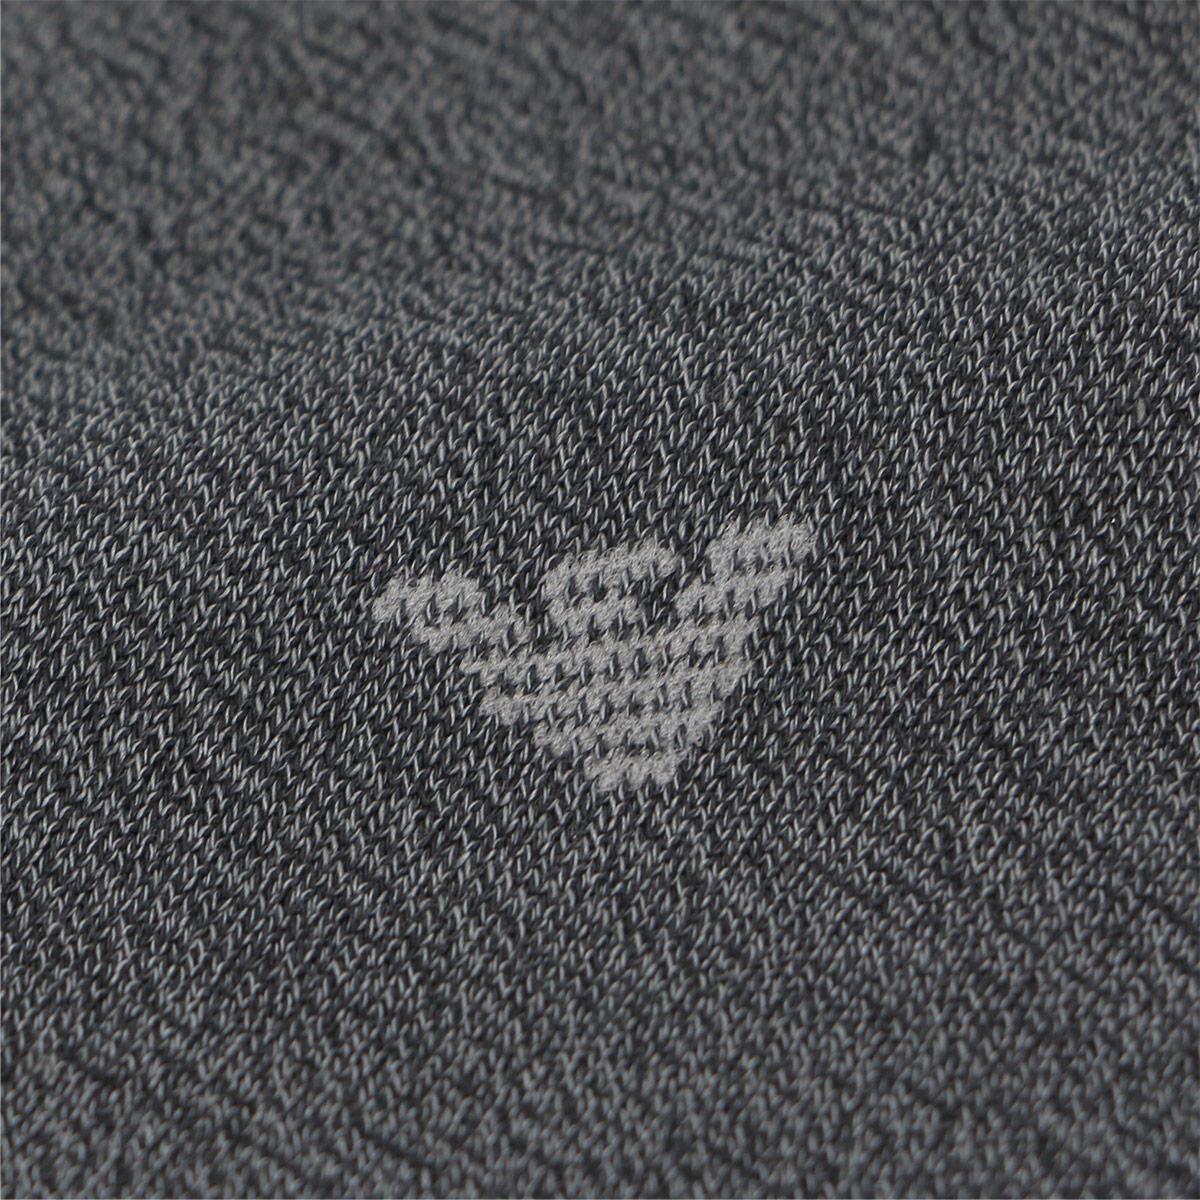 EMPORIO ARMANI ( エンポリオ アルマーニ ) Dress ビジネス イーグル&ドット COOL 強撚糸使用 クルー丈 メンズ 男性 紳士 ソックス 靴下 プレゼント 贈答 ギフト 2312-456【ゆうパケット・4点まで】